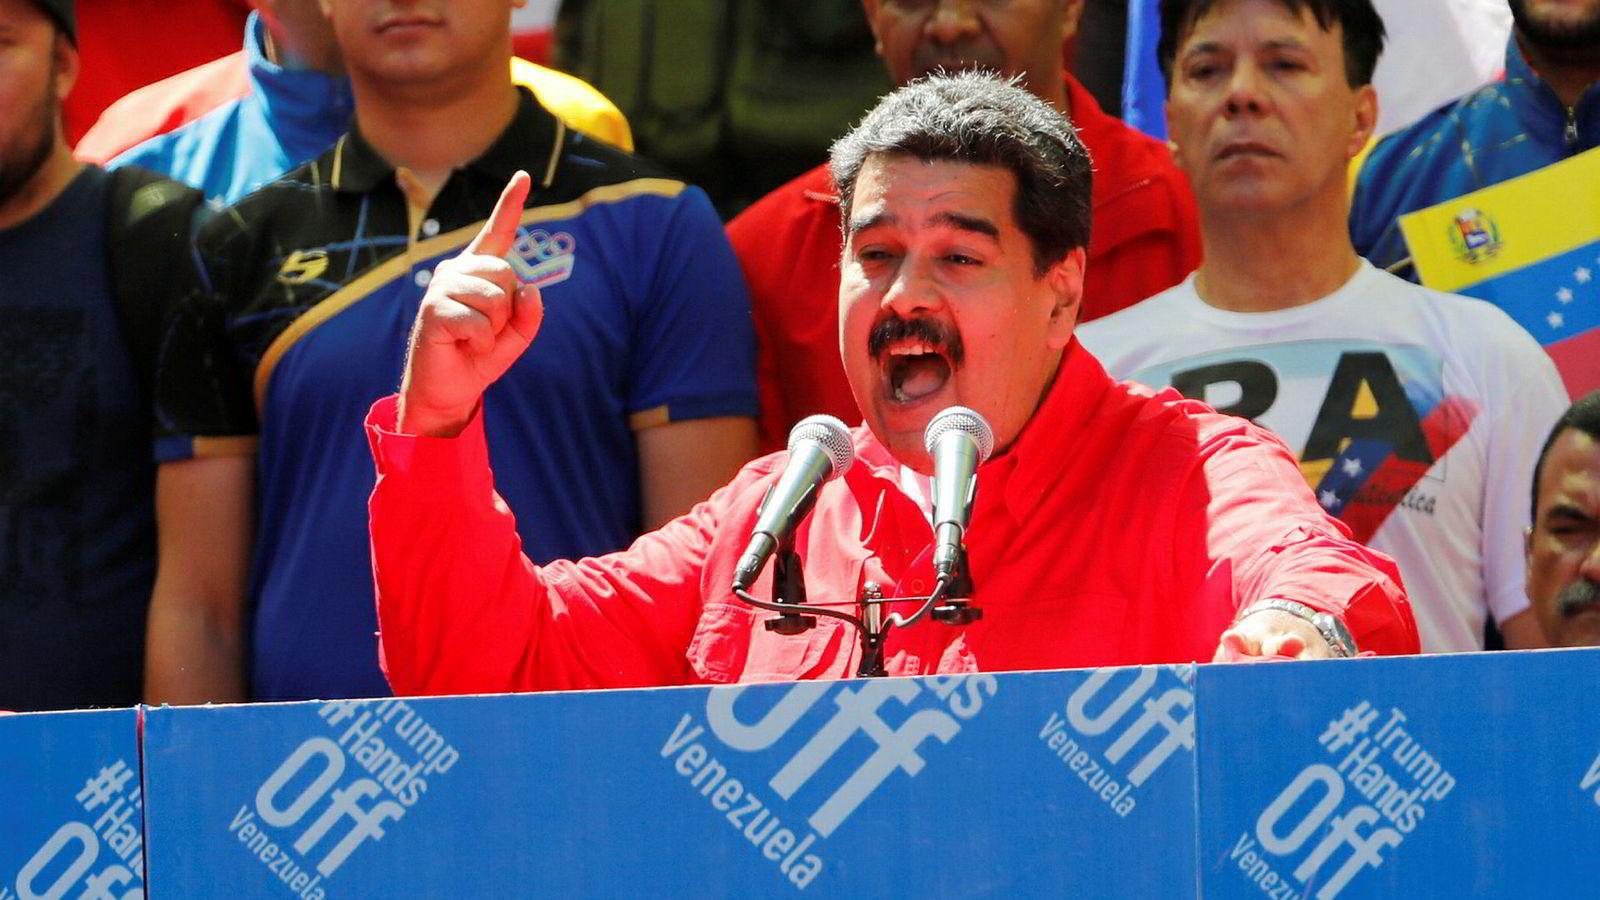 Norge opprettholder støtten til Venezuelas president Nicolas Maduro.